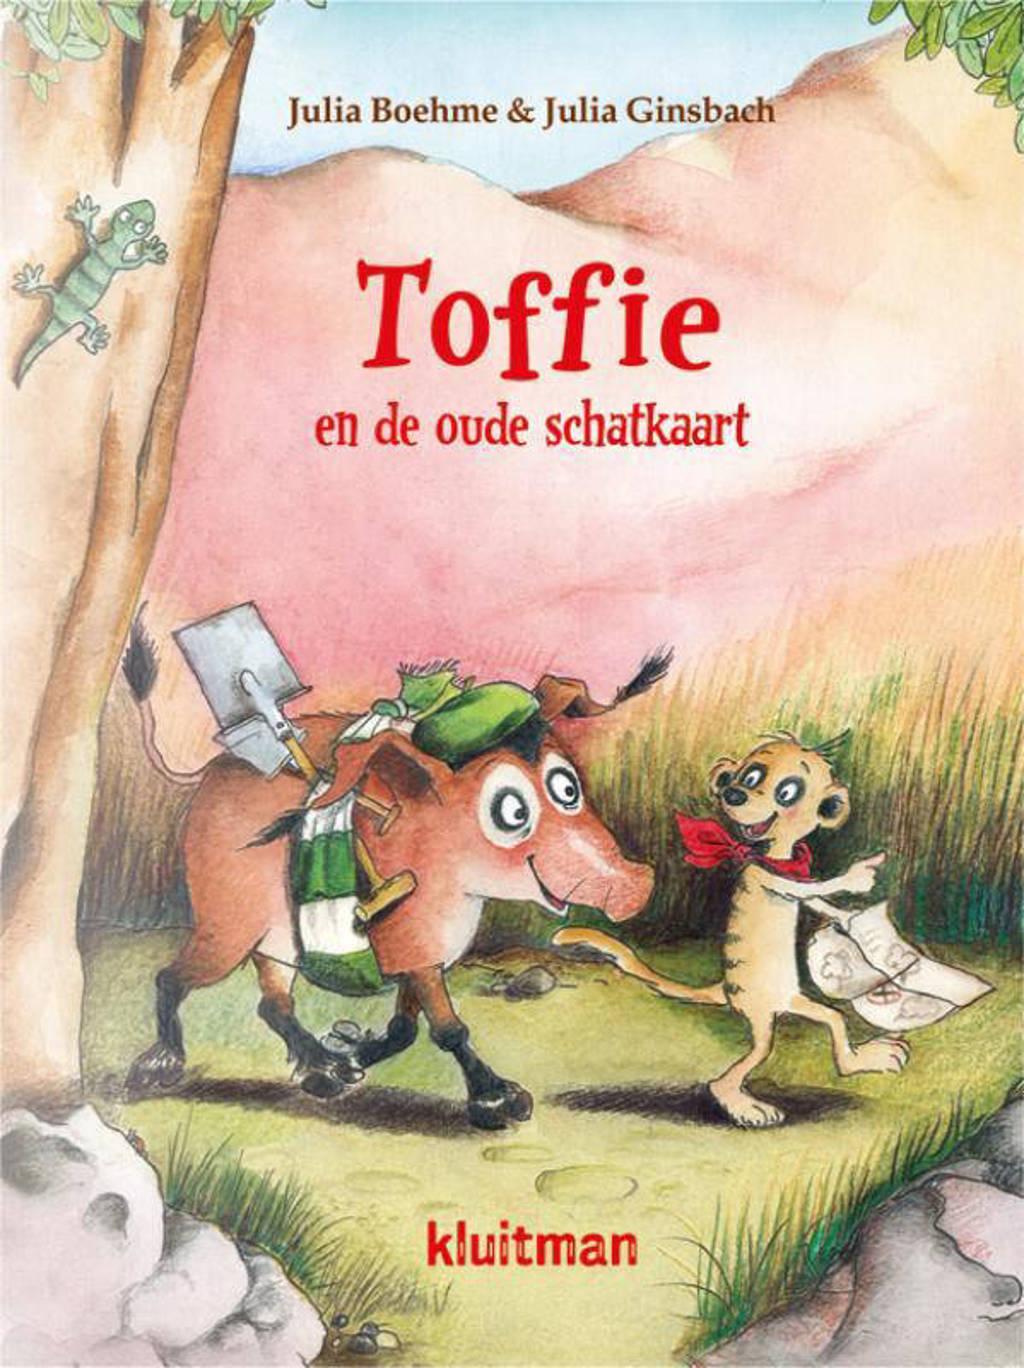 Toffie: Toffie en de oude schatkaart - Julia Boehme